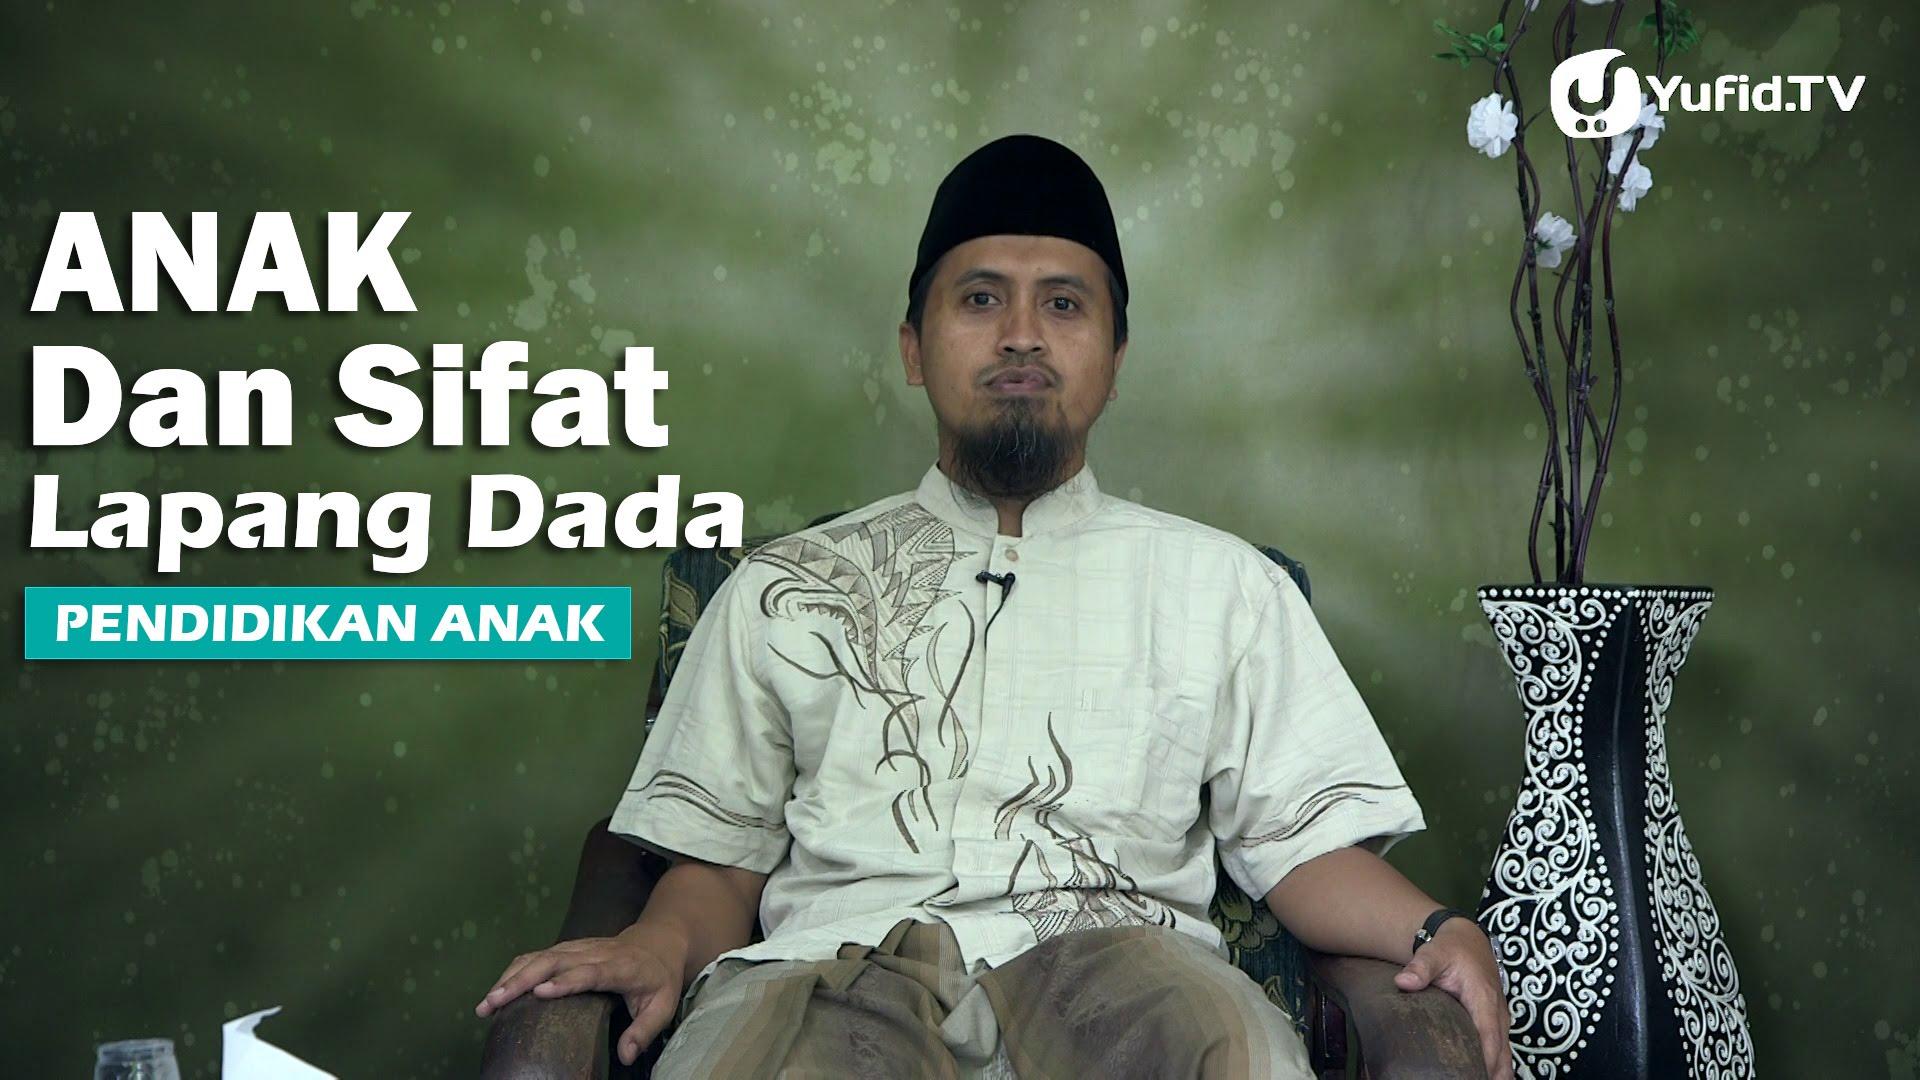 Kajian Anak   Yufid TV   Download Video Gratis   Ceramah Agama ...